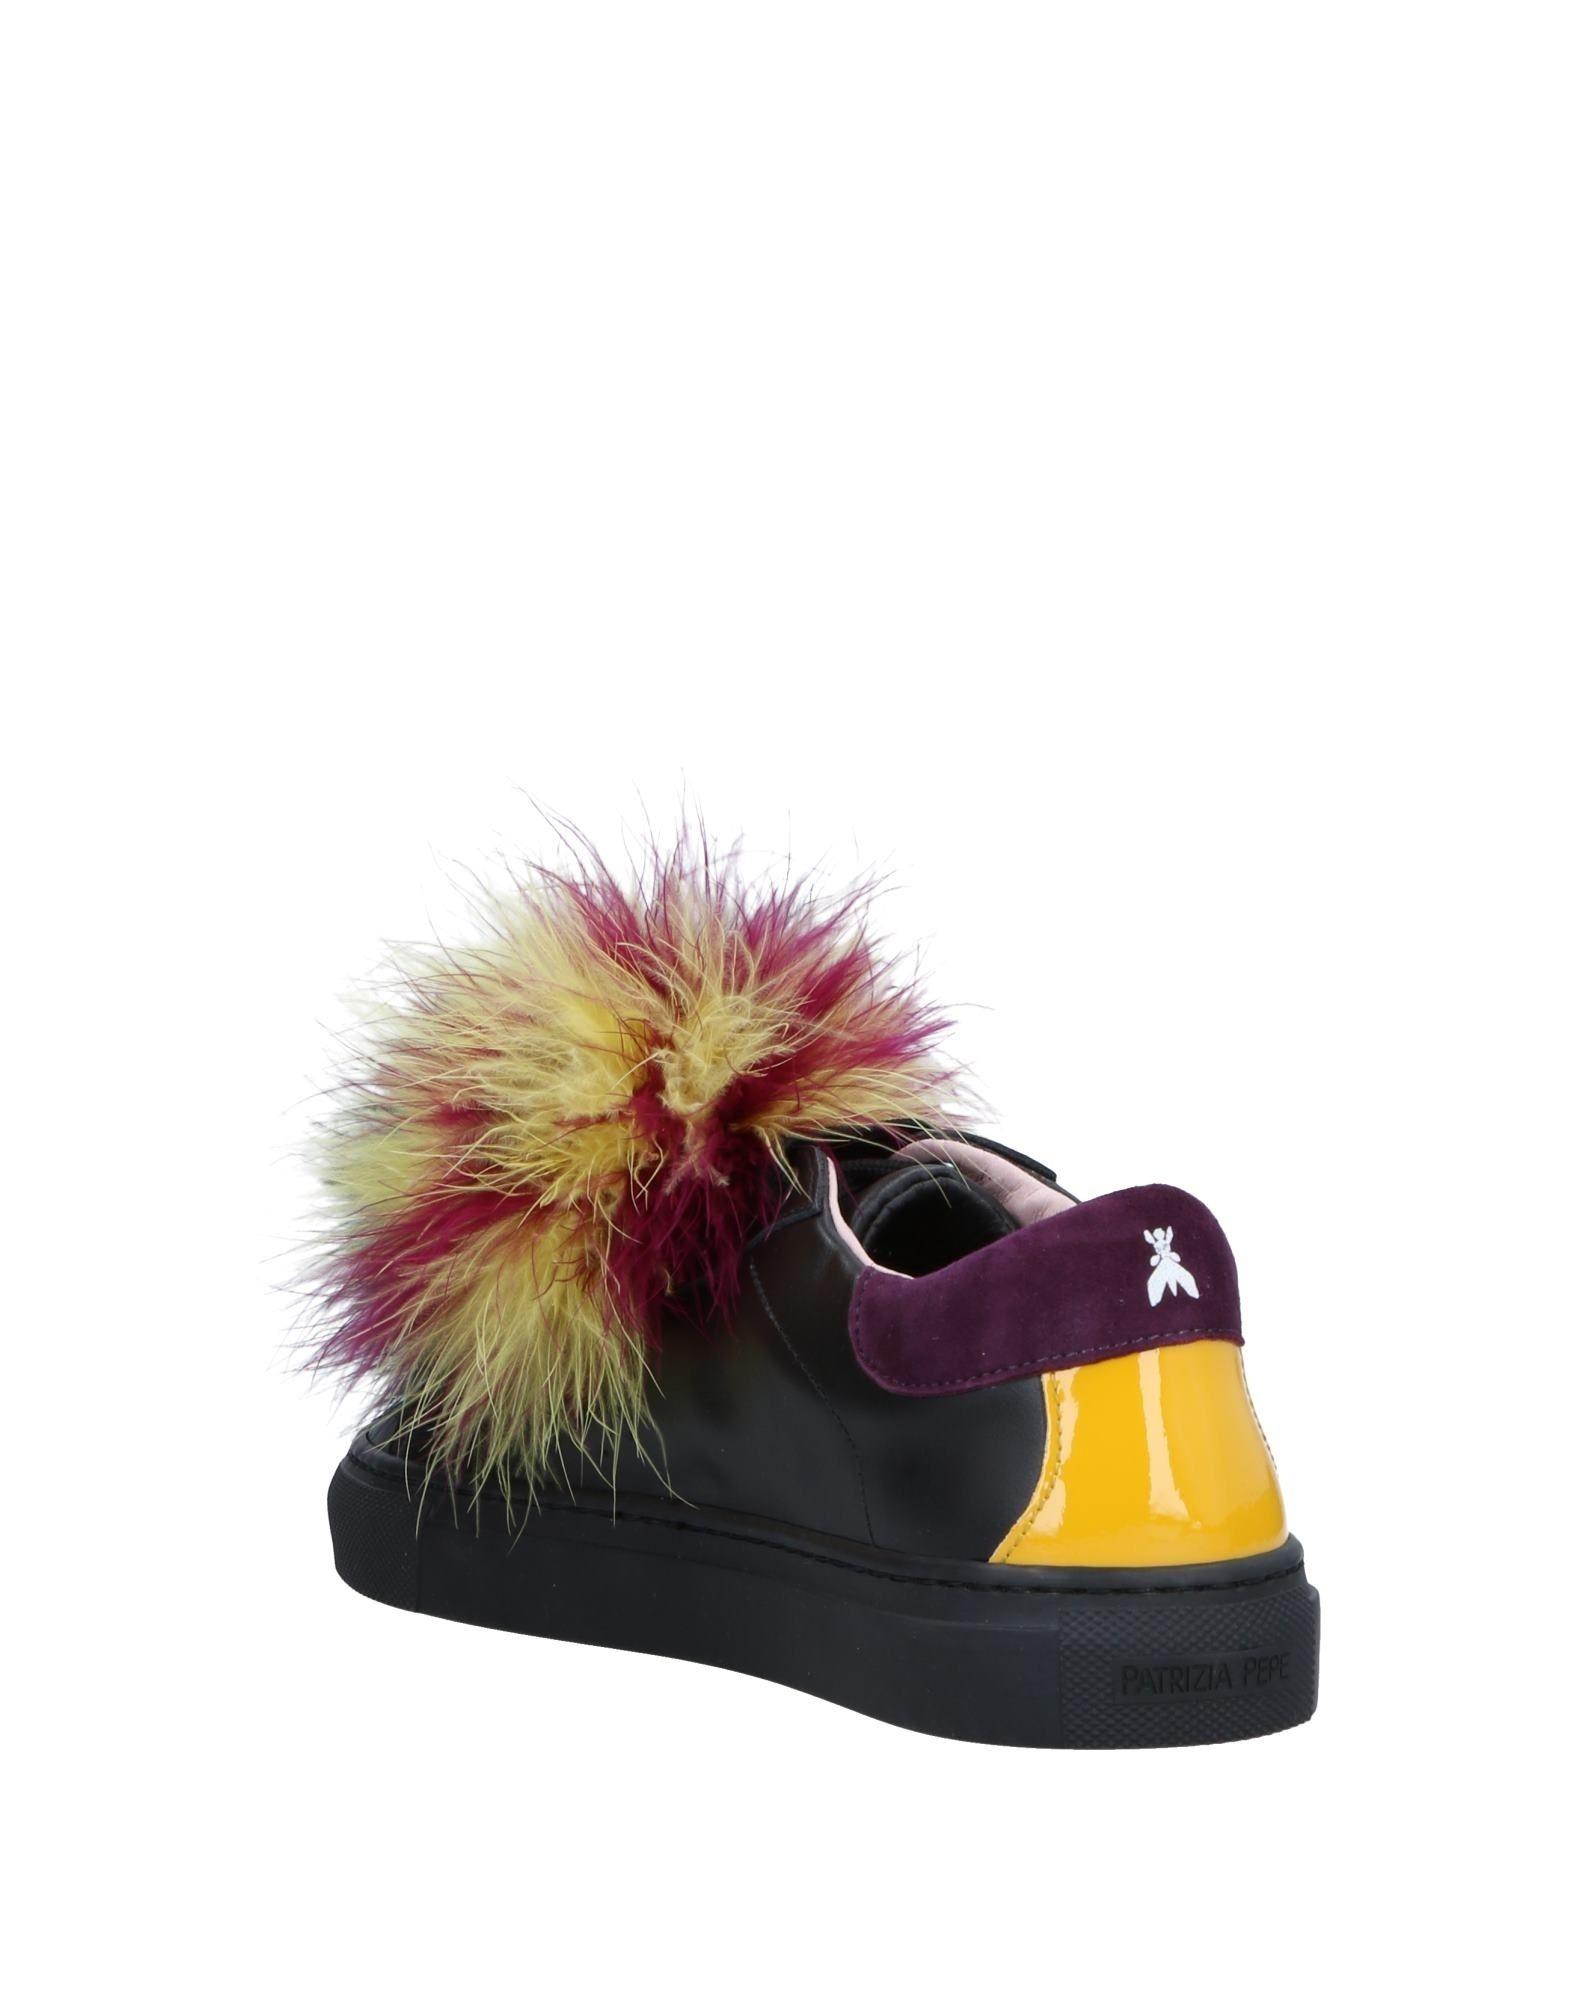 Gut Pepe um billige Schuhe zu tragenPatrizia Pepe Gut Sneakers Damen  11544631HK d640f3